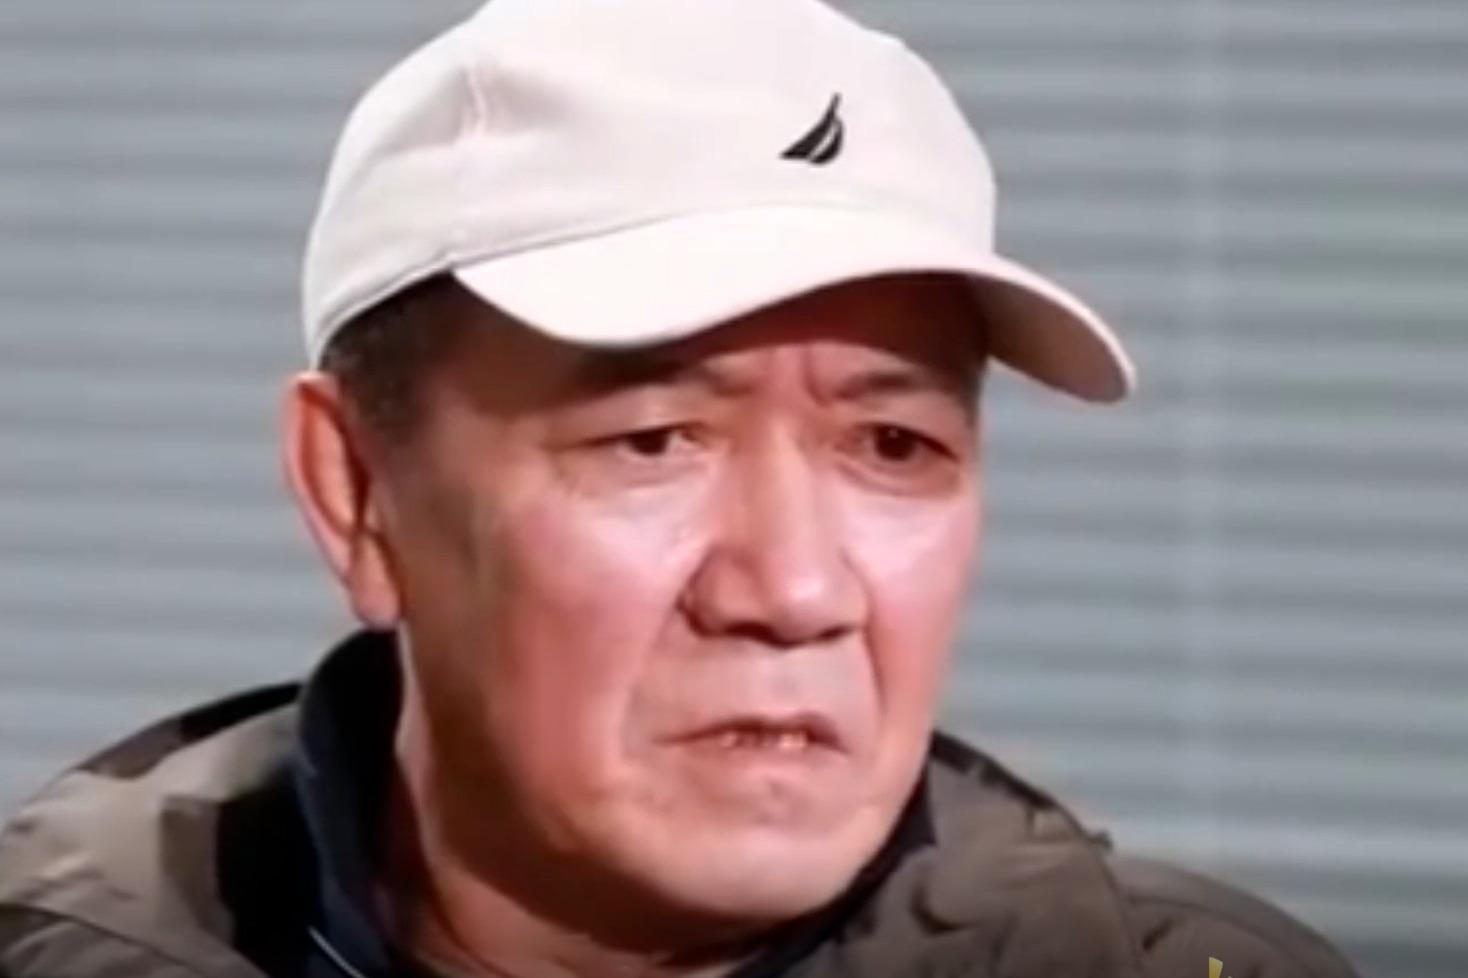 李幼斌称民族英雄才是该追的星 不必过多宣传演员